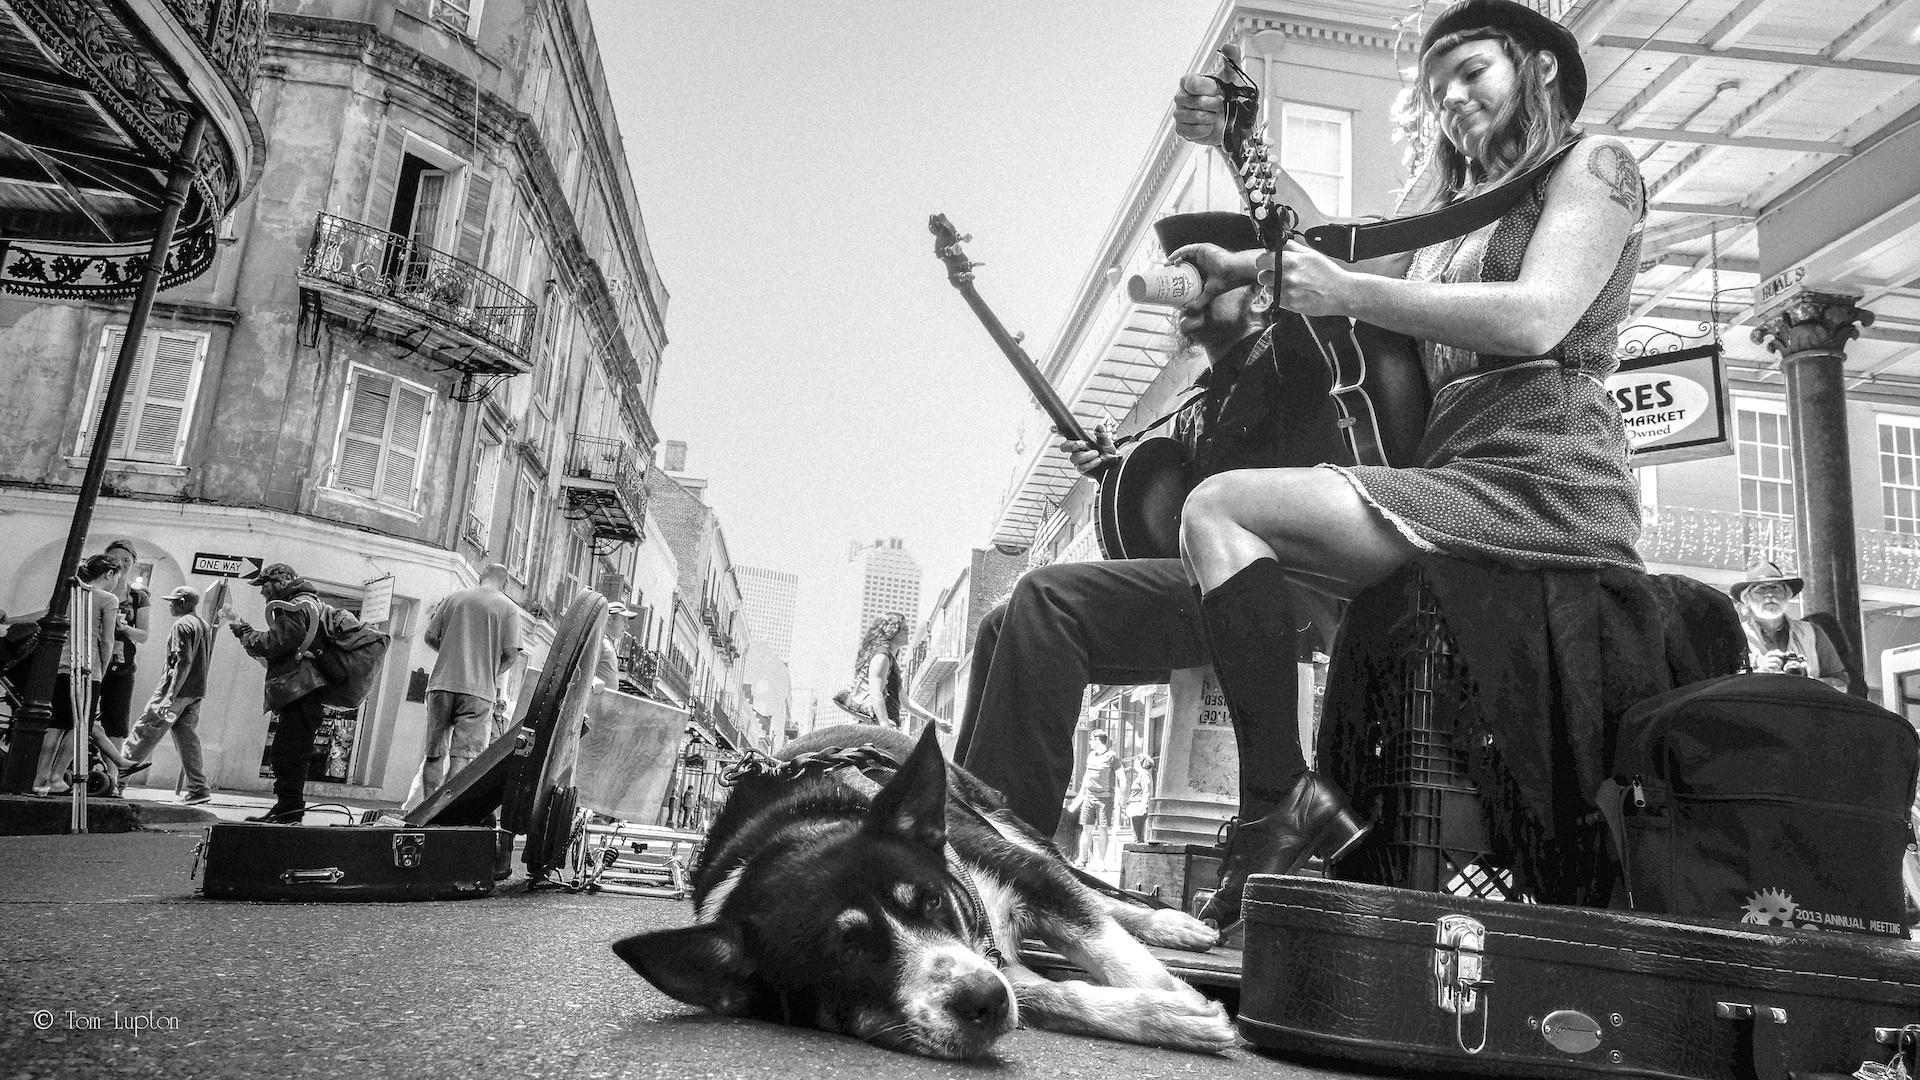 Tom_Lupton_Photos_Street_Muscian.jpg